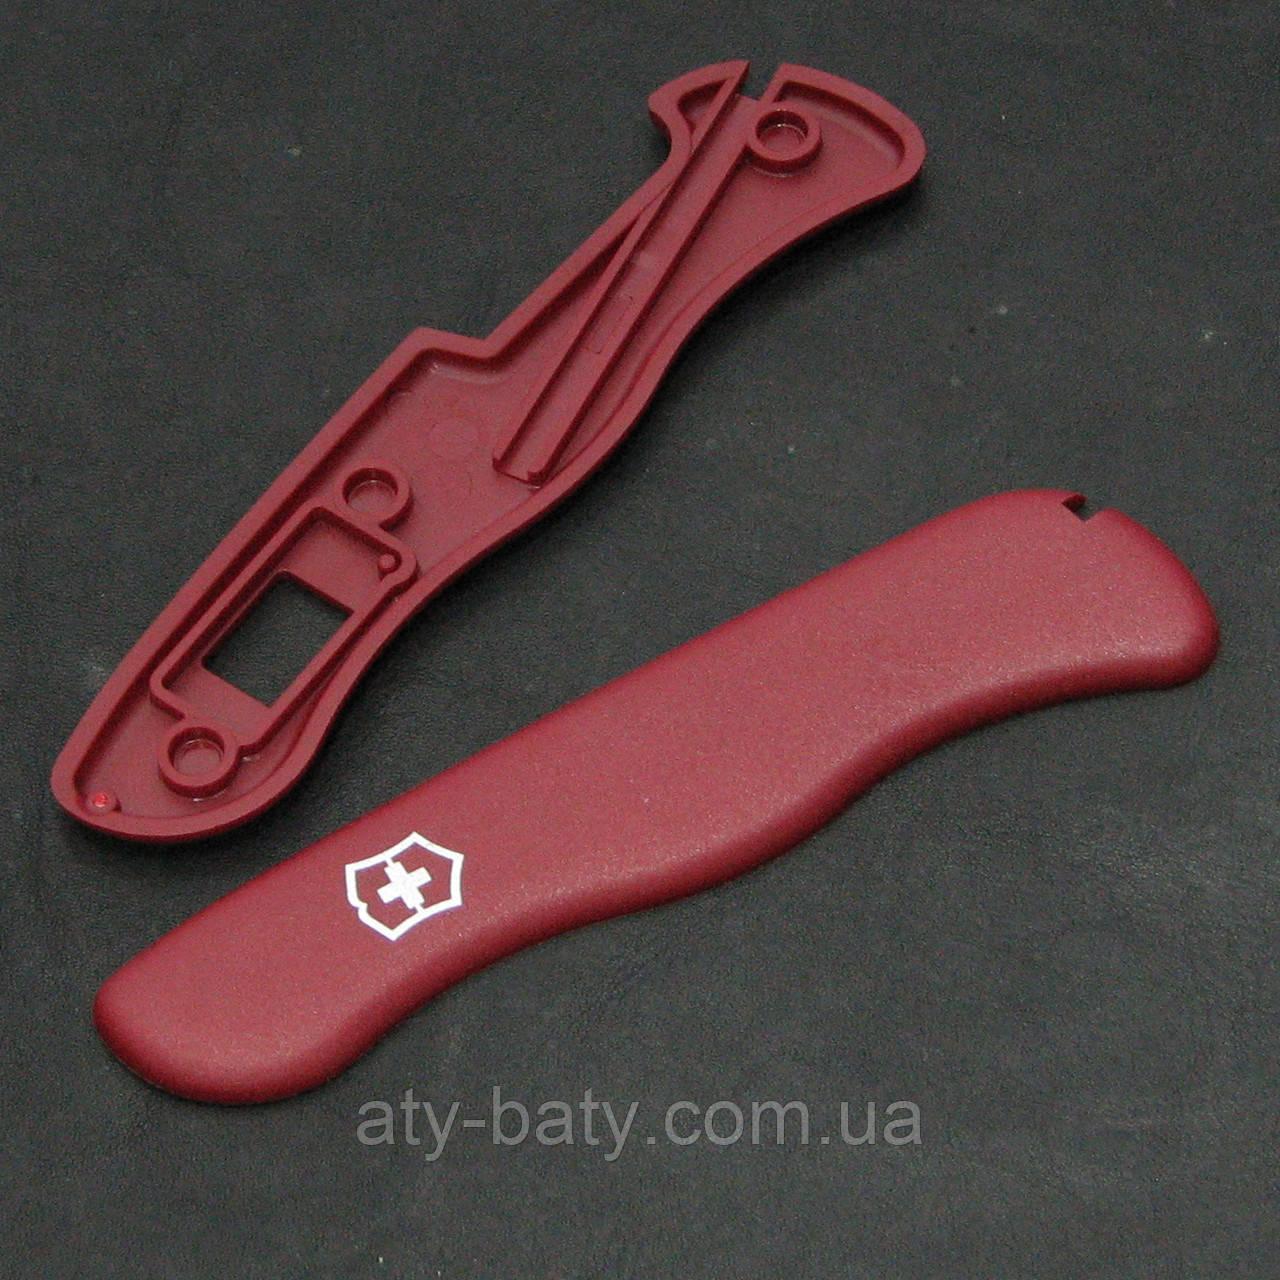 Комплект накладок Victorinox  к ножу 111 мм (C.8900)